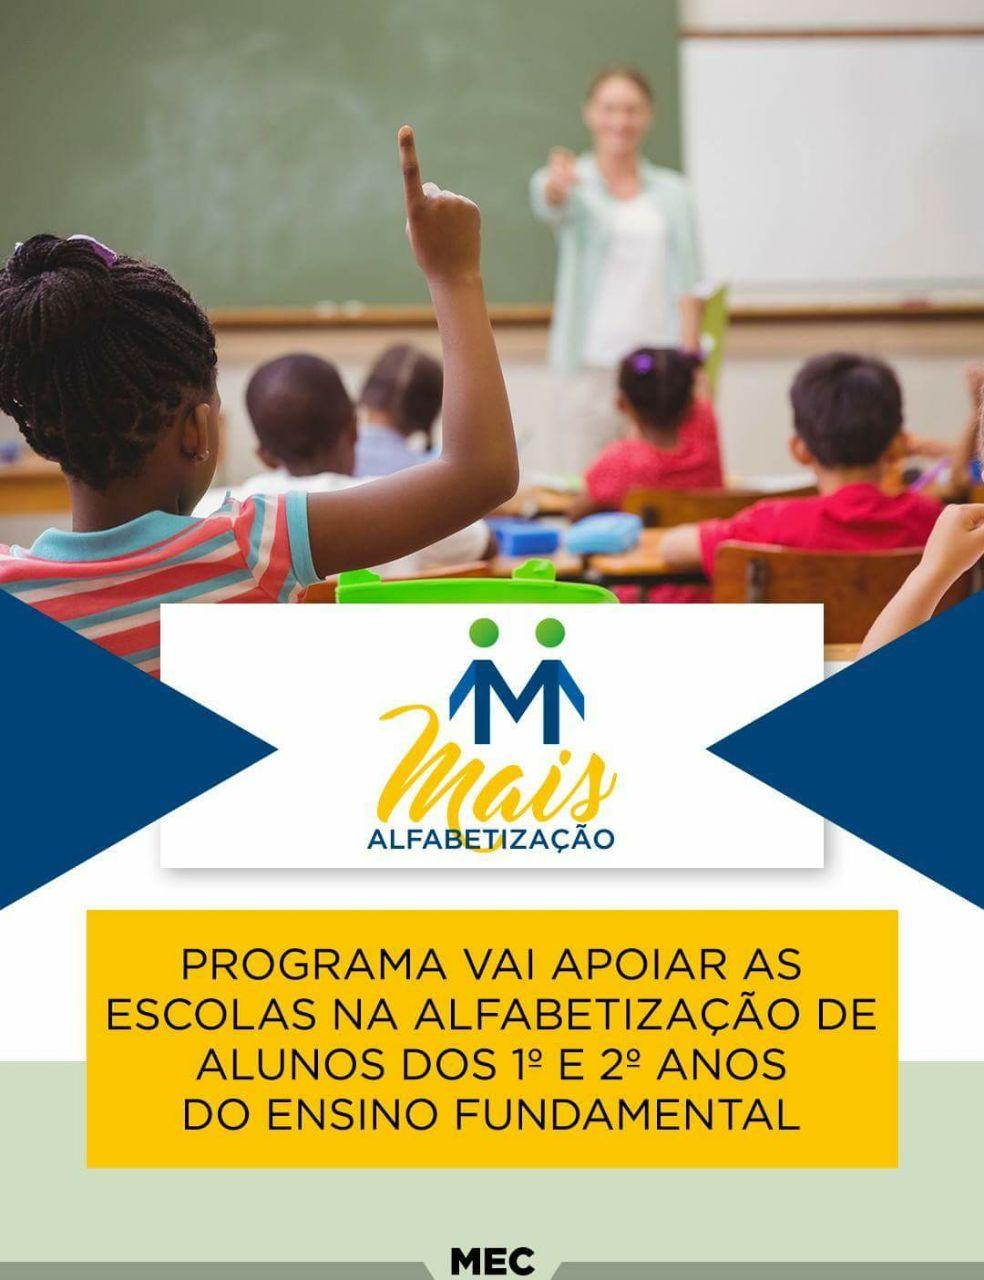 PROGRAMA MAIS ALFABETIZAÇÃO - MEC cria programa para reverter estagnação na aprendizagem